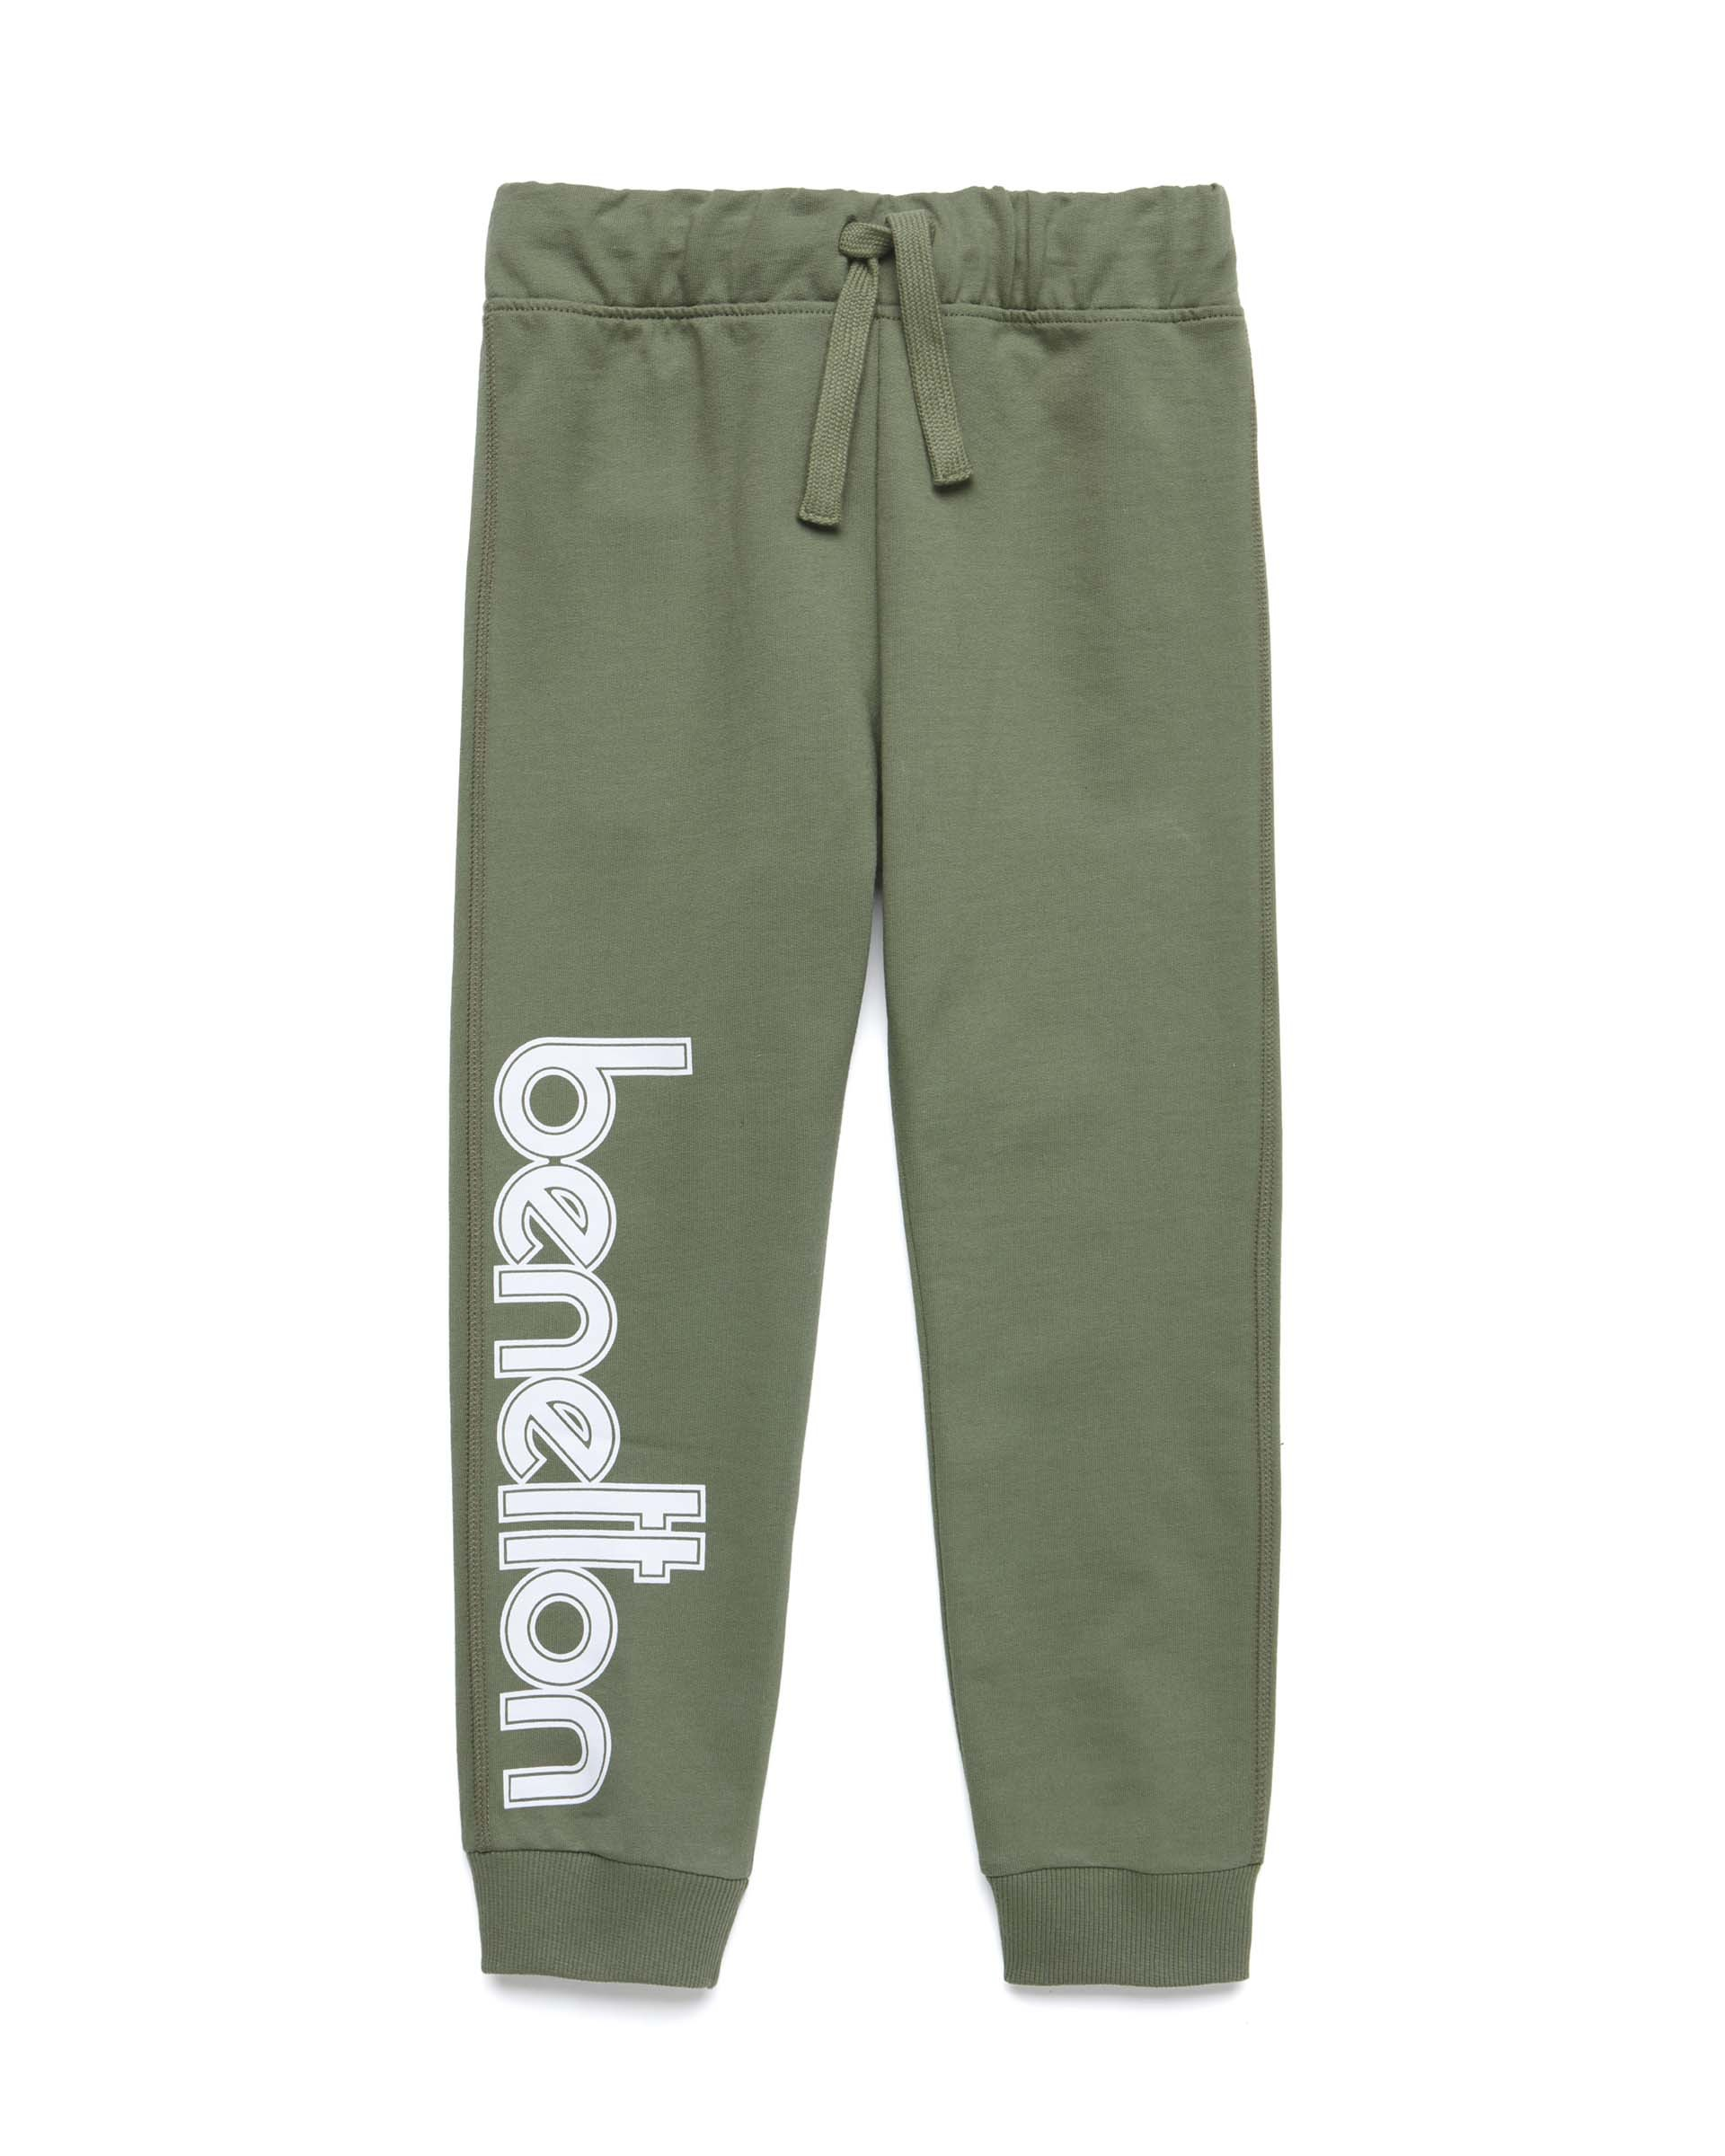 Купить 20P_3BC1I0986_07N, Спортивные брюки для мальчиков Benetton 3BC1I0986_07N р-р 92, United Colors of Benetton, Шорты и брюки для новорожденных